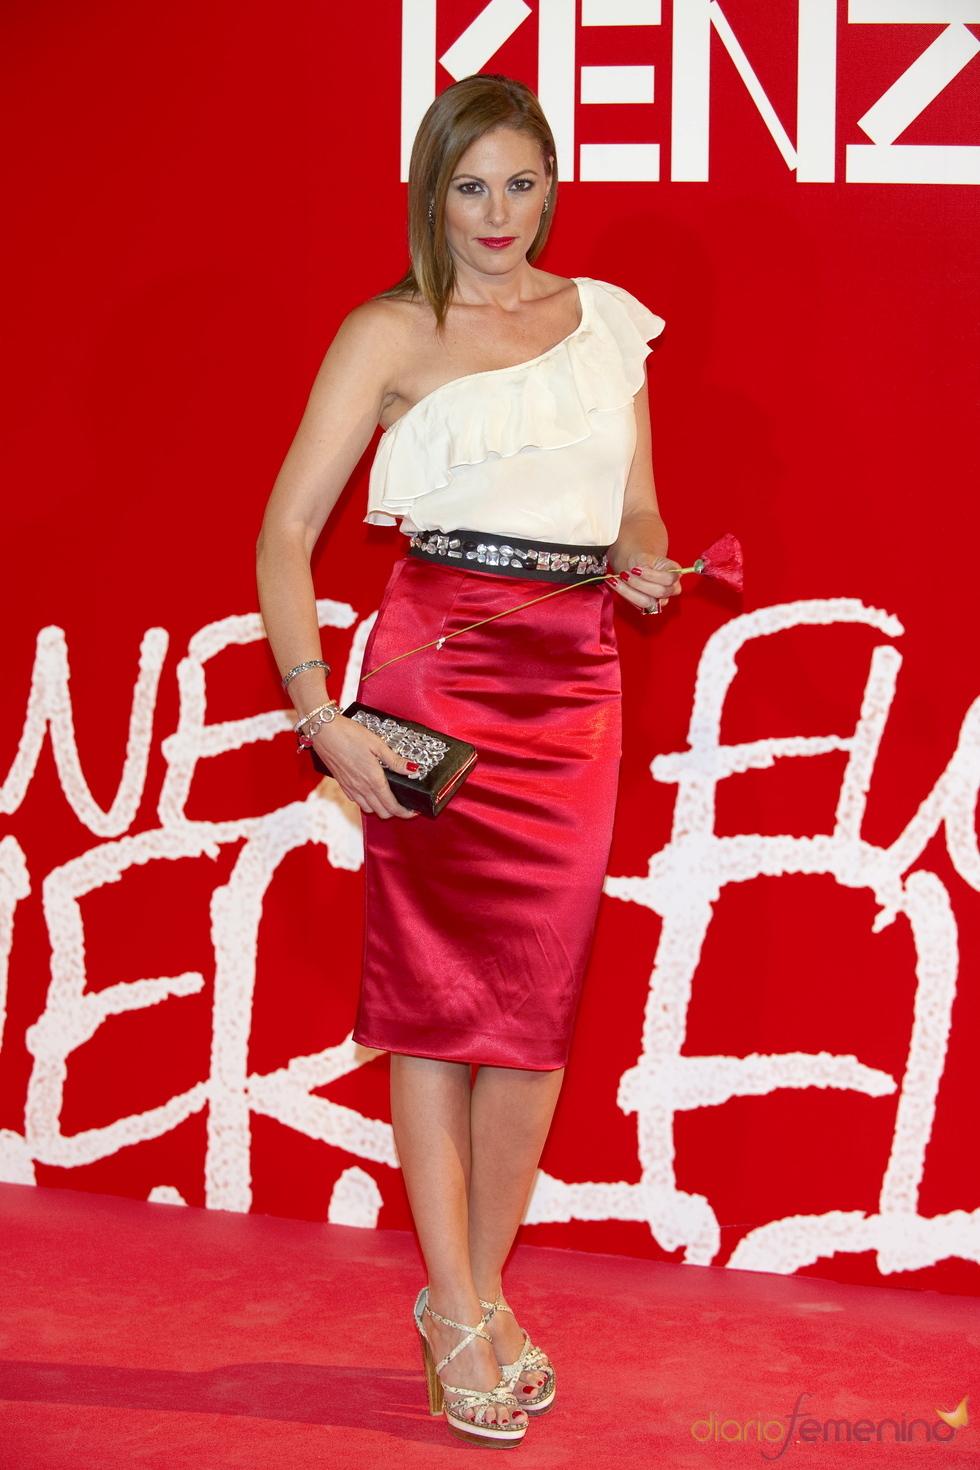 Raquel Rodríguez en la fiesta de verano Kenzo 2011